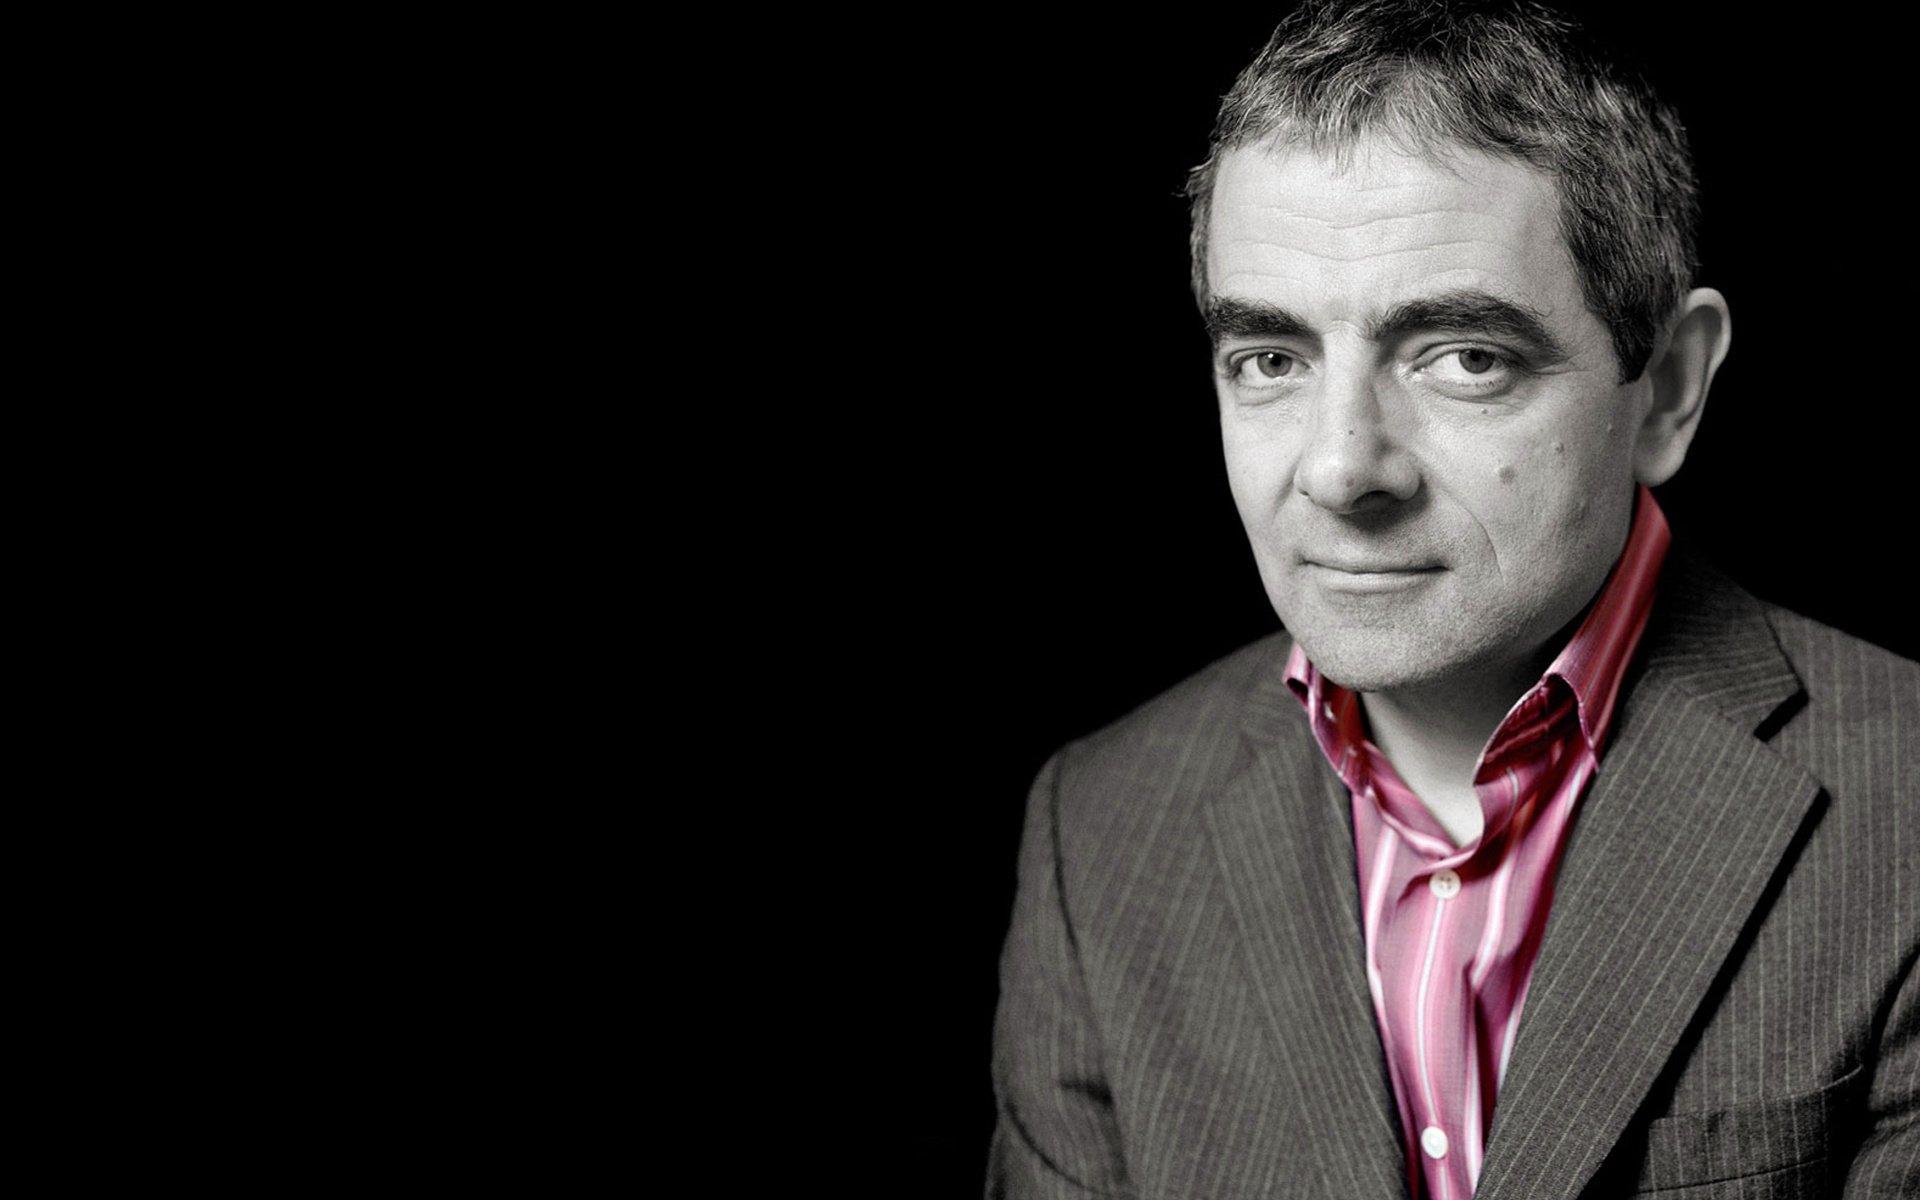 Rowan Atkinson Fondo De Pantalla Hd Fondo De Escritorio